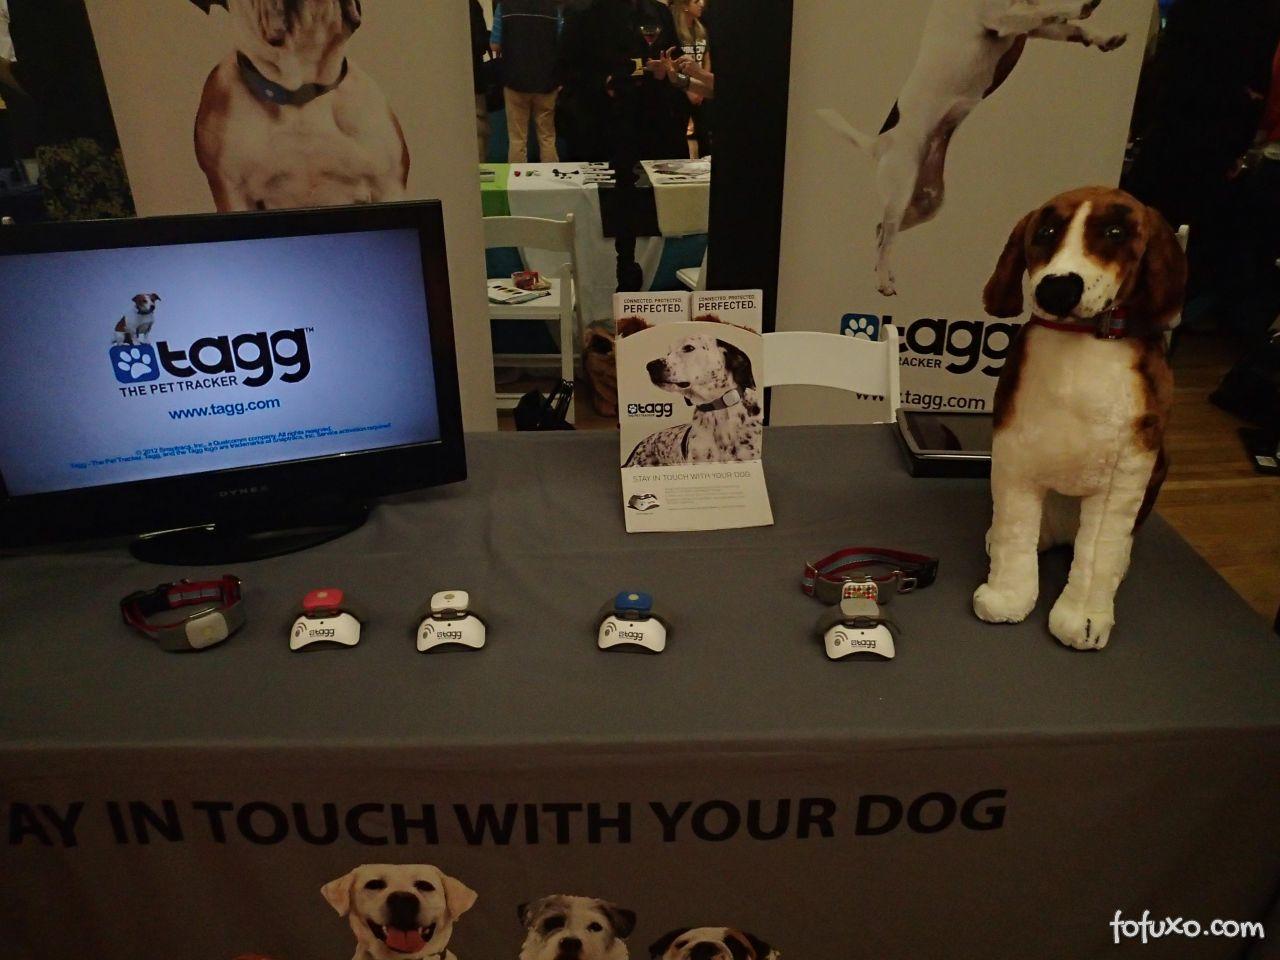 Monitore as atividades do seu cão à distância